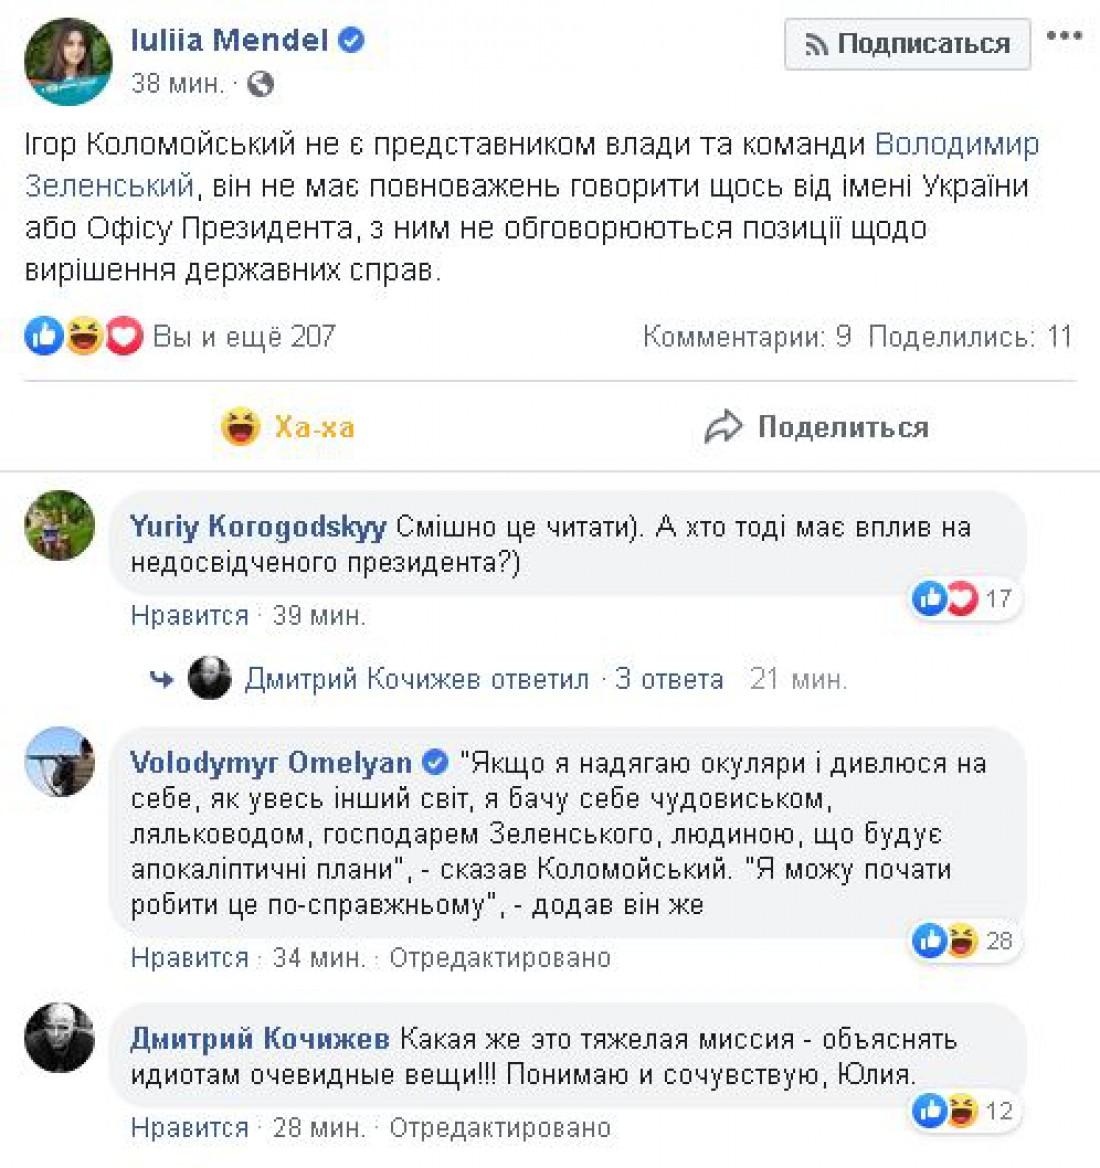 Комментарий пресс-секретаря президента комментируют пользователи сети